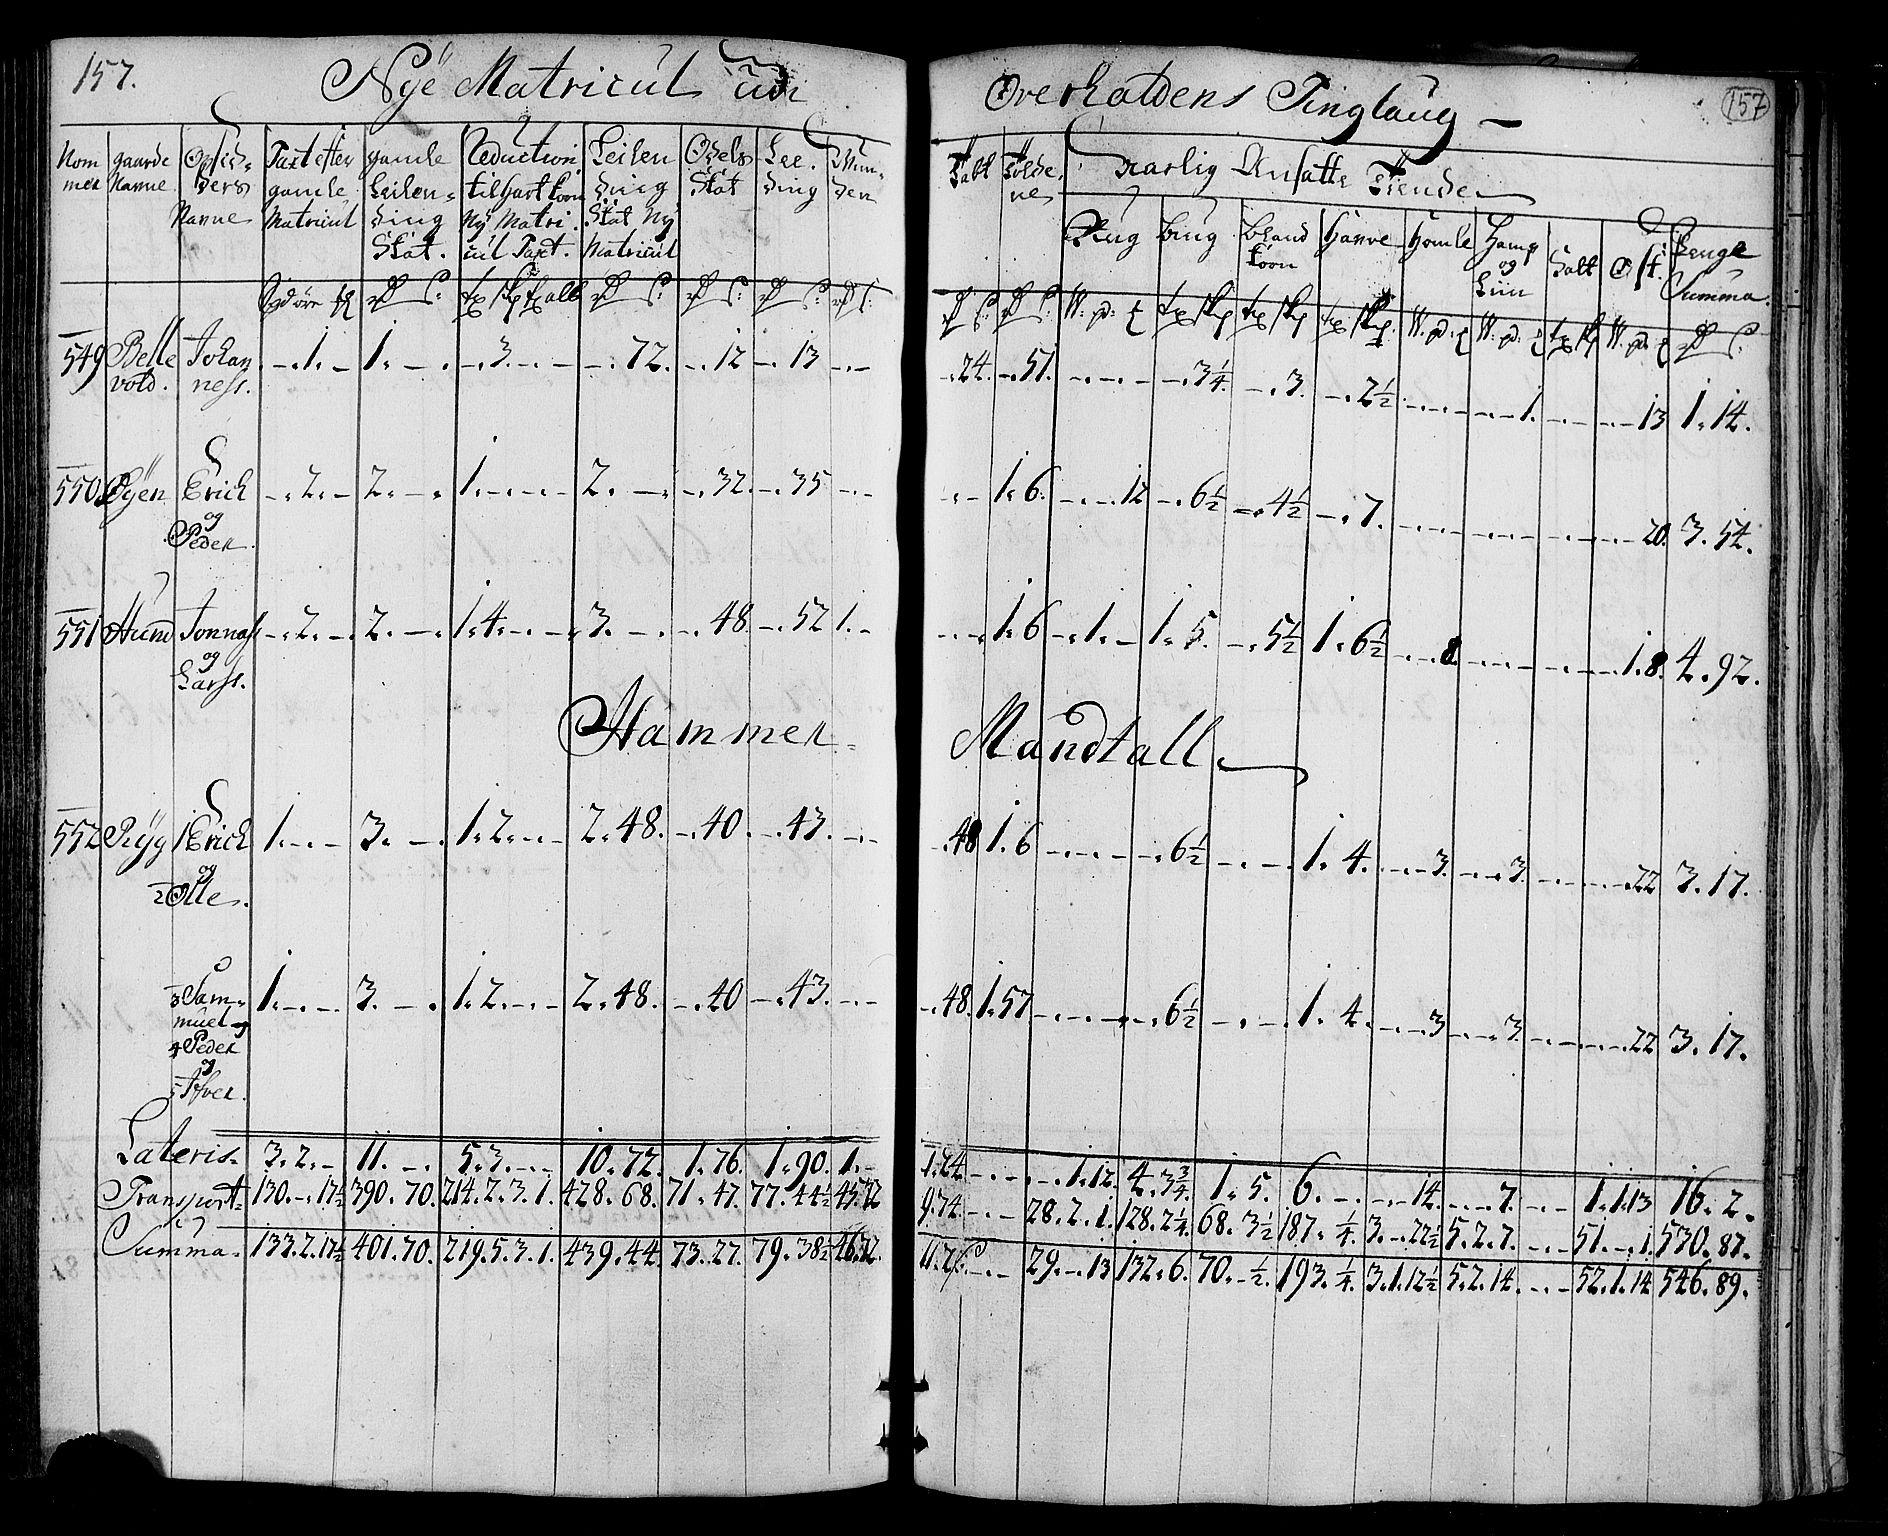 RA, Rentekammeret inntil 1814, Realistisk ordnet avdeling, N/Nb/Nbf/L0169: Namdalen matrikkelprotokoll, 1723, s. 156b-157a